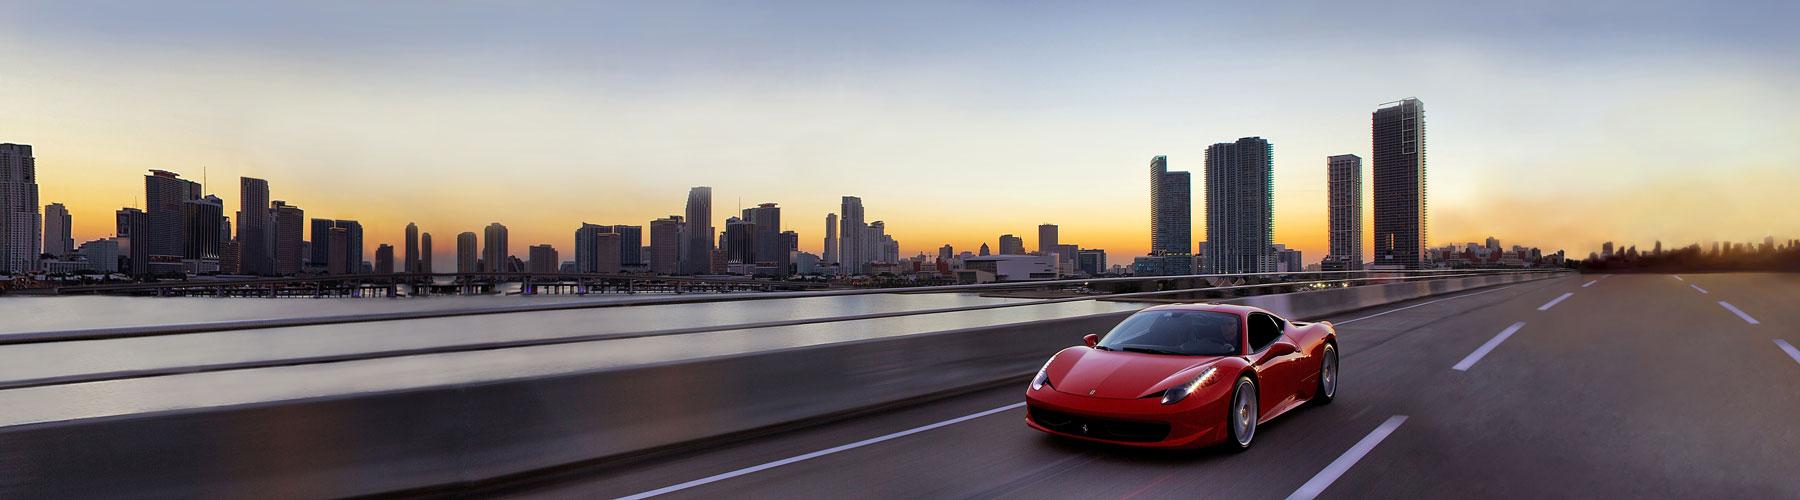 Signature Car Rental Miami